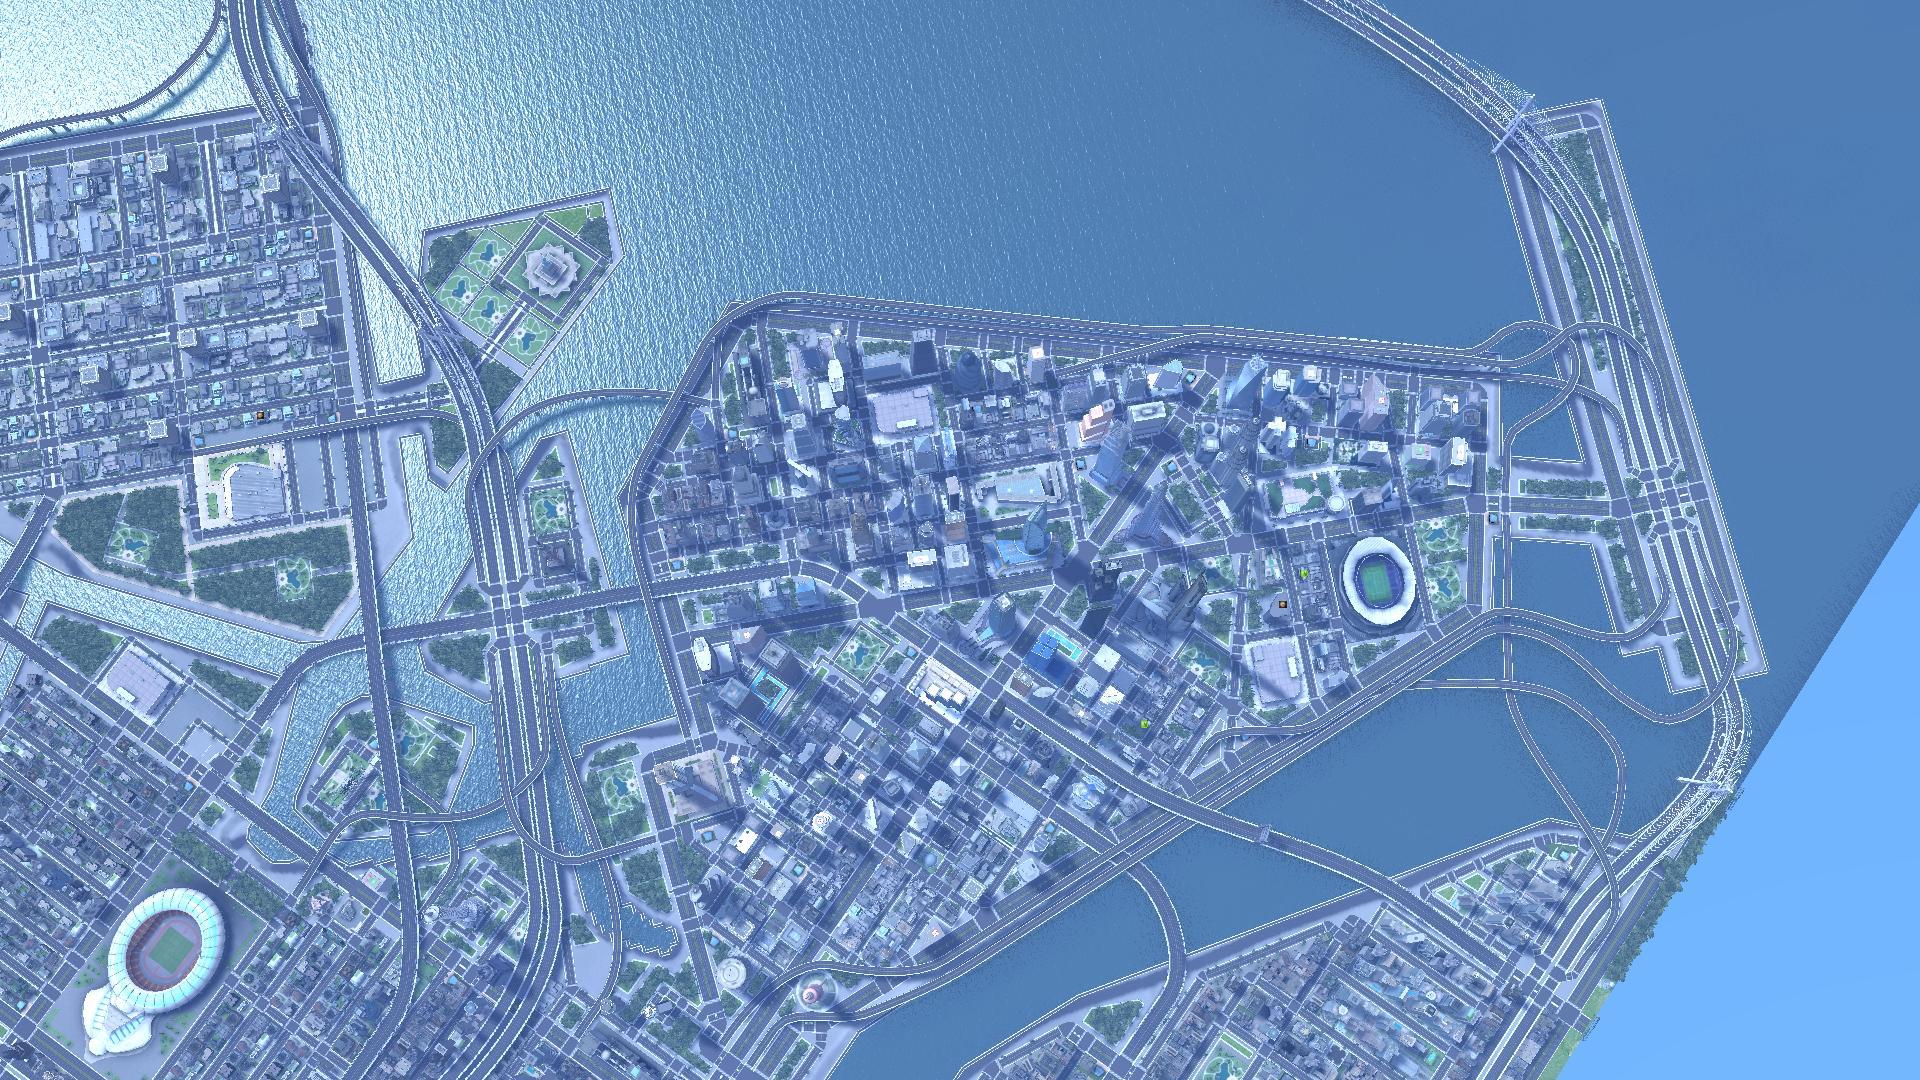 CitiesXL_2012 2014-11-06 01-50-49-90.jpg